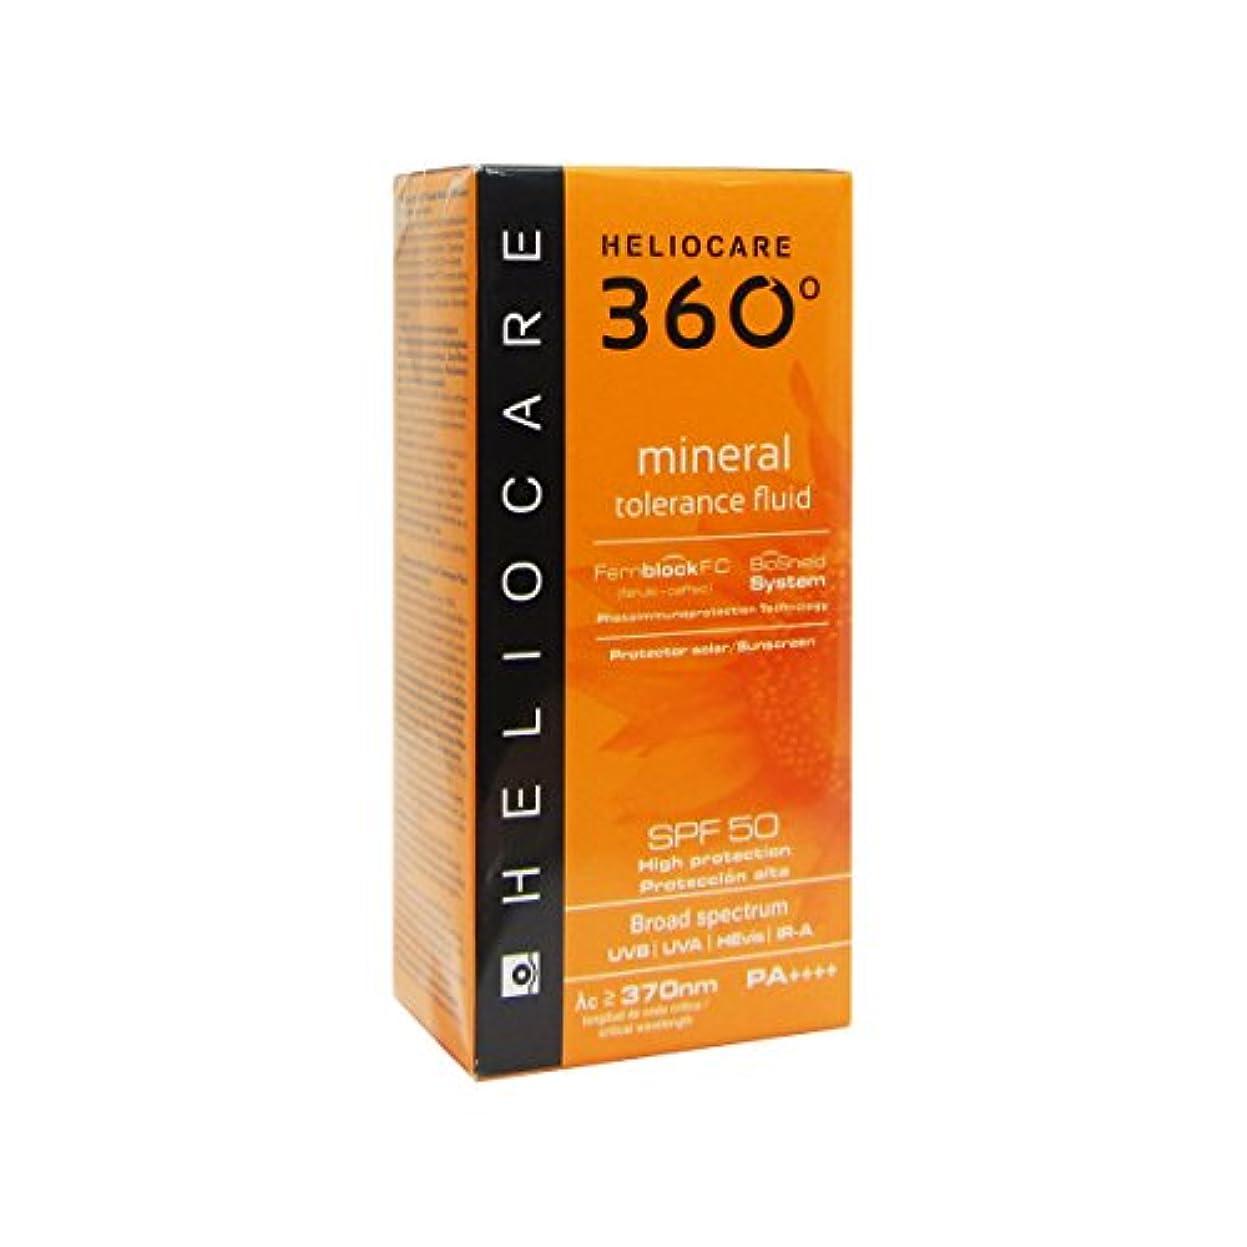 鷹報復派生するHeliocare 360 Mineral Tolerance Fluid Spf50 50ml [並行輸入品]